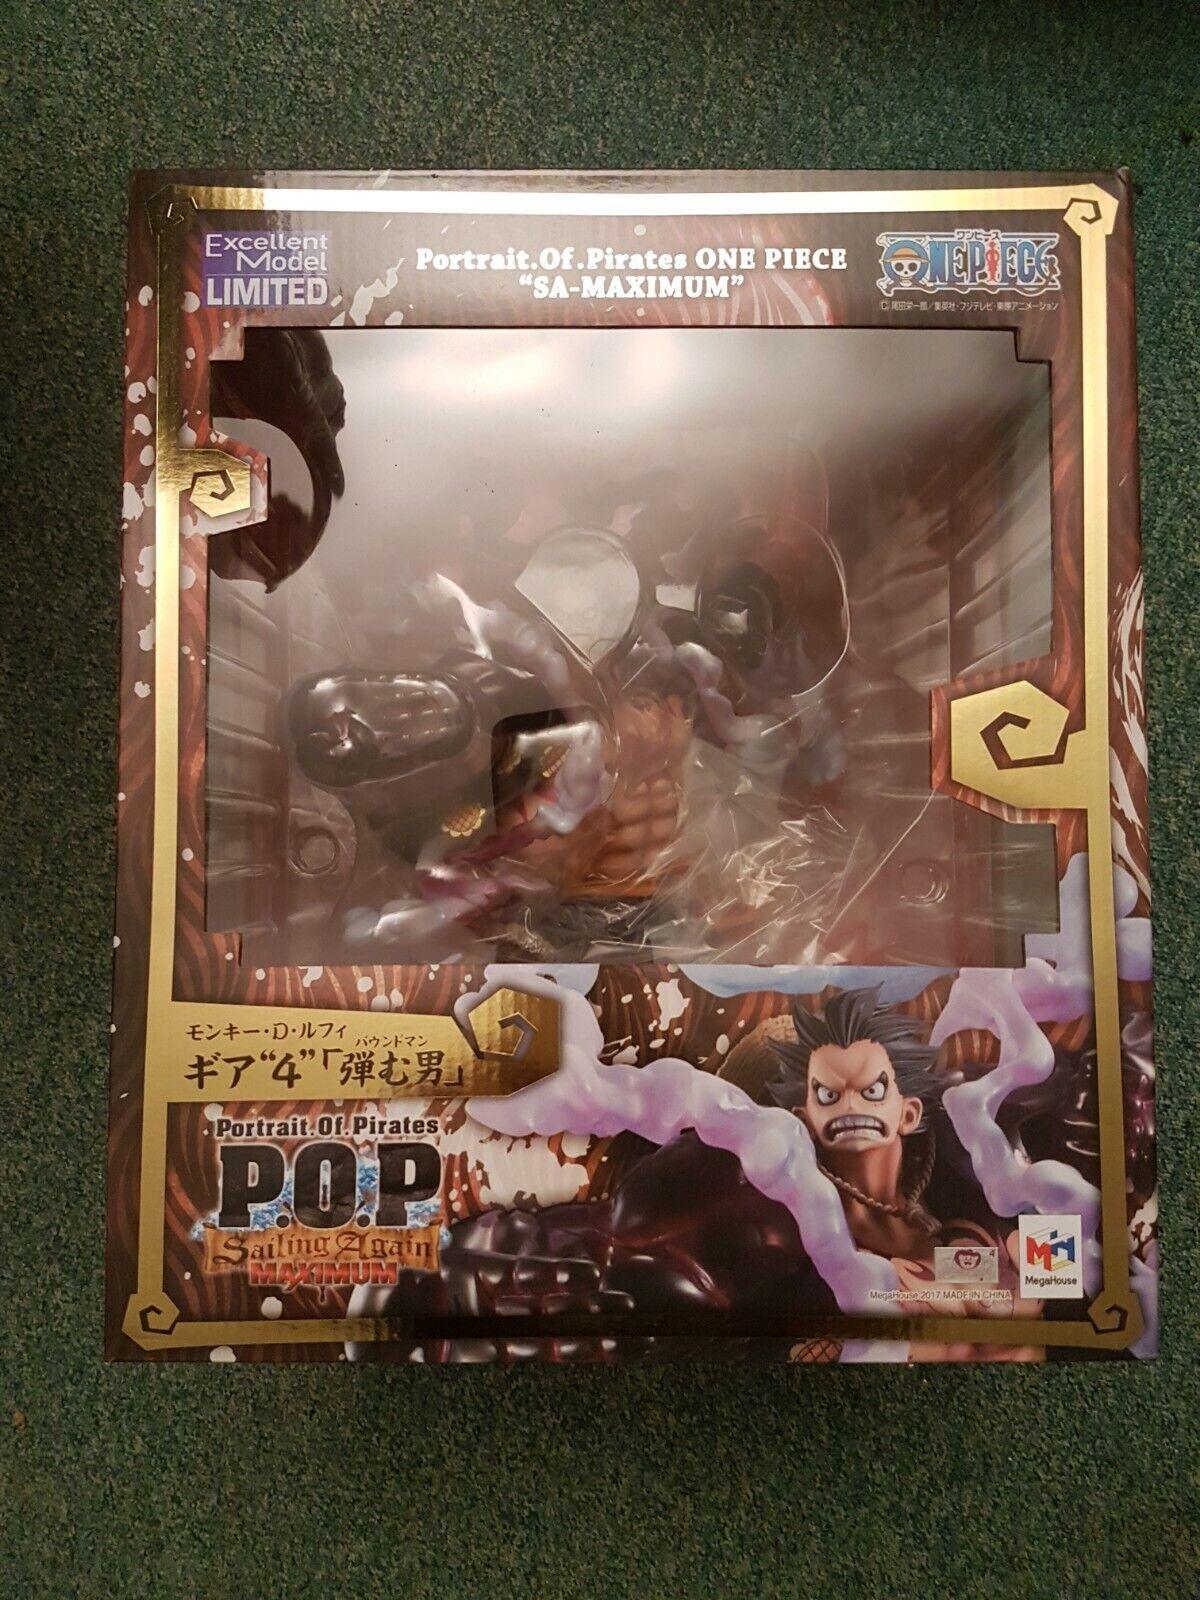 One Piece Luffy  Gear 4 Bound Man Figure Portrait.Of.Pirates MegaHouse  meilleurs prix et styles les plus frais